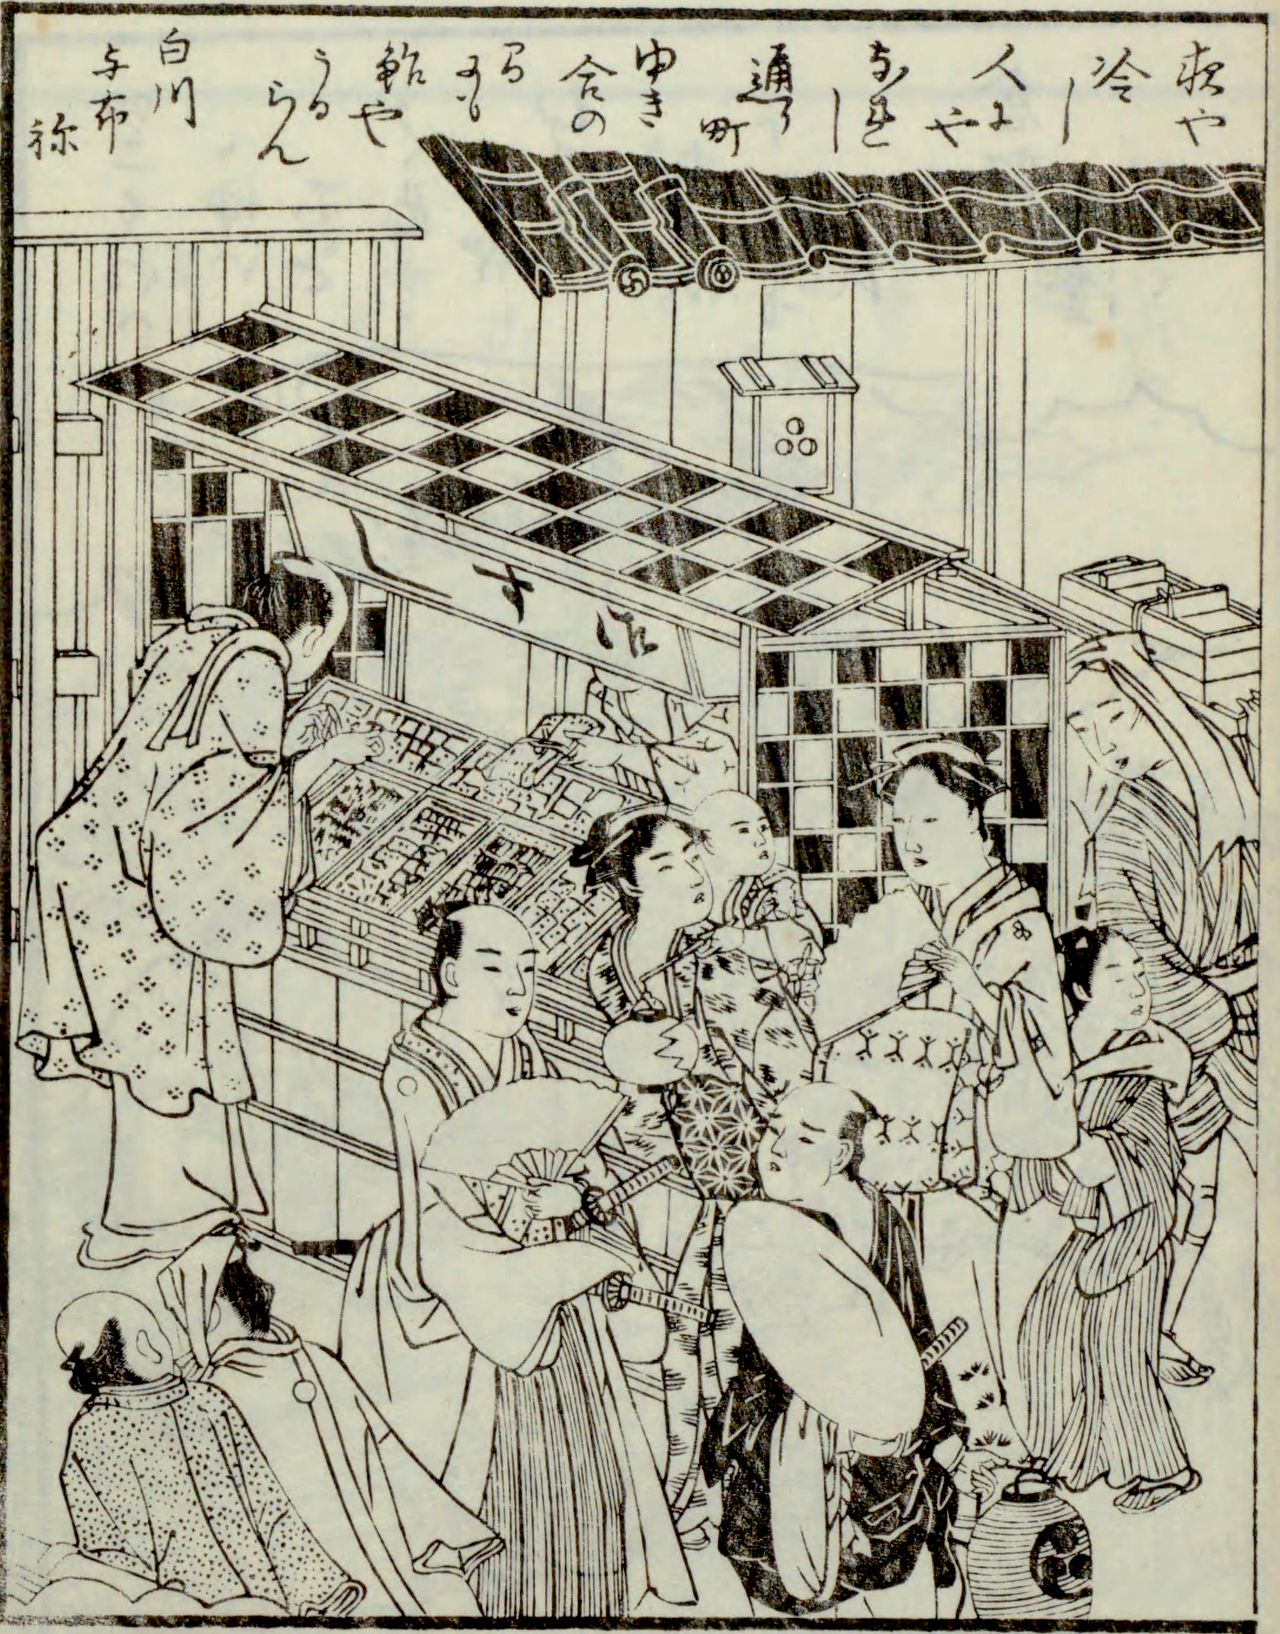 Лавка суси в оживлённом городском районе. На витрине представлена начинка, и покупатель может заказать желаемое, а мастер в глубине лавки делает заказанные суси («Эхон Эдо судзумэ», Национальная парламентская библиотека)